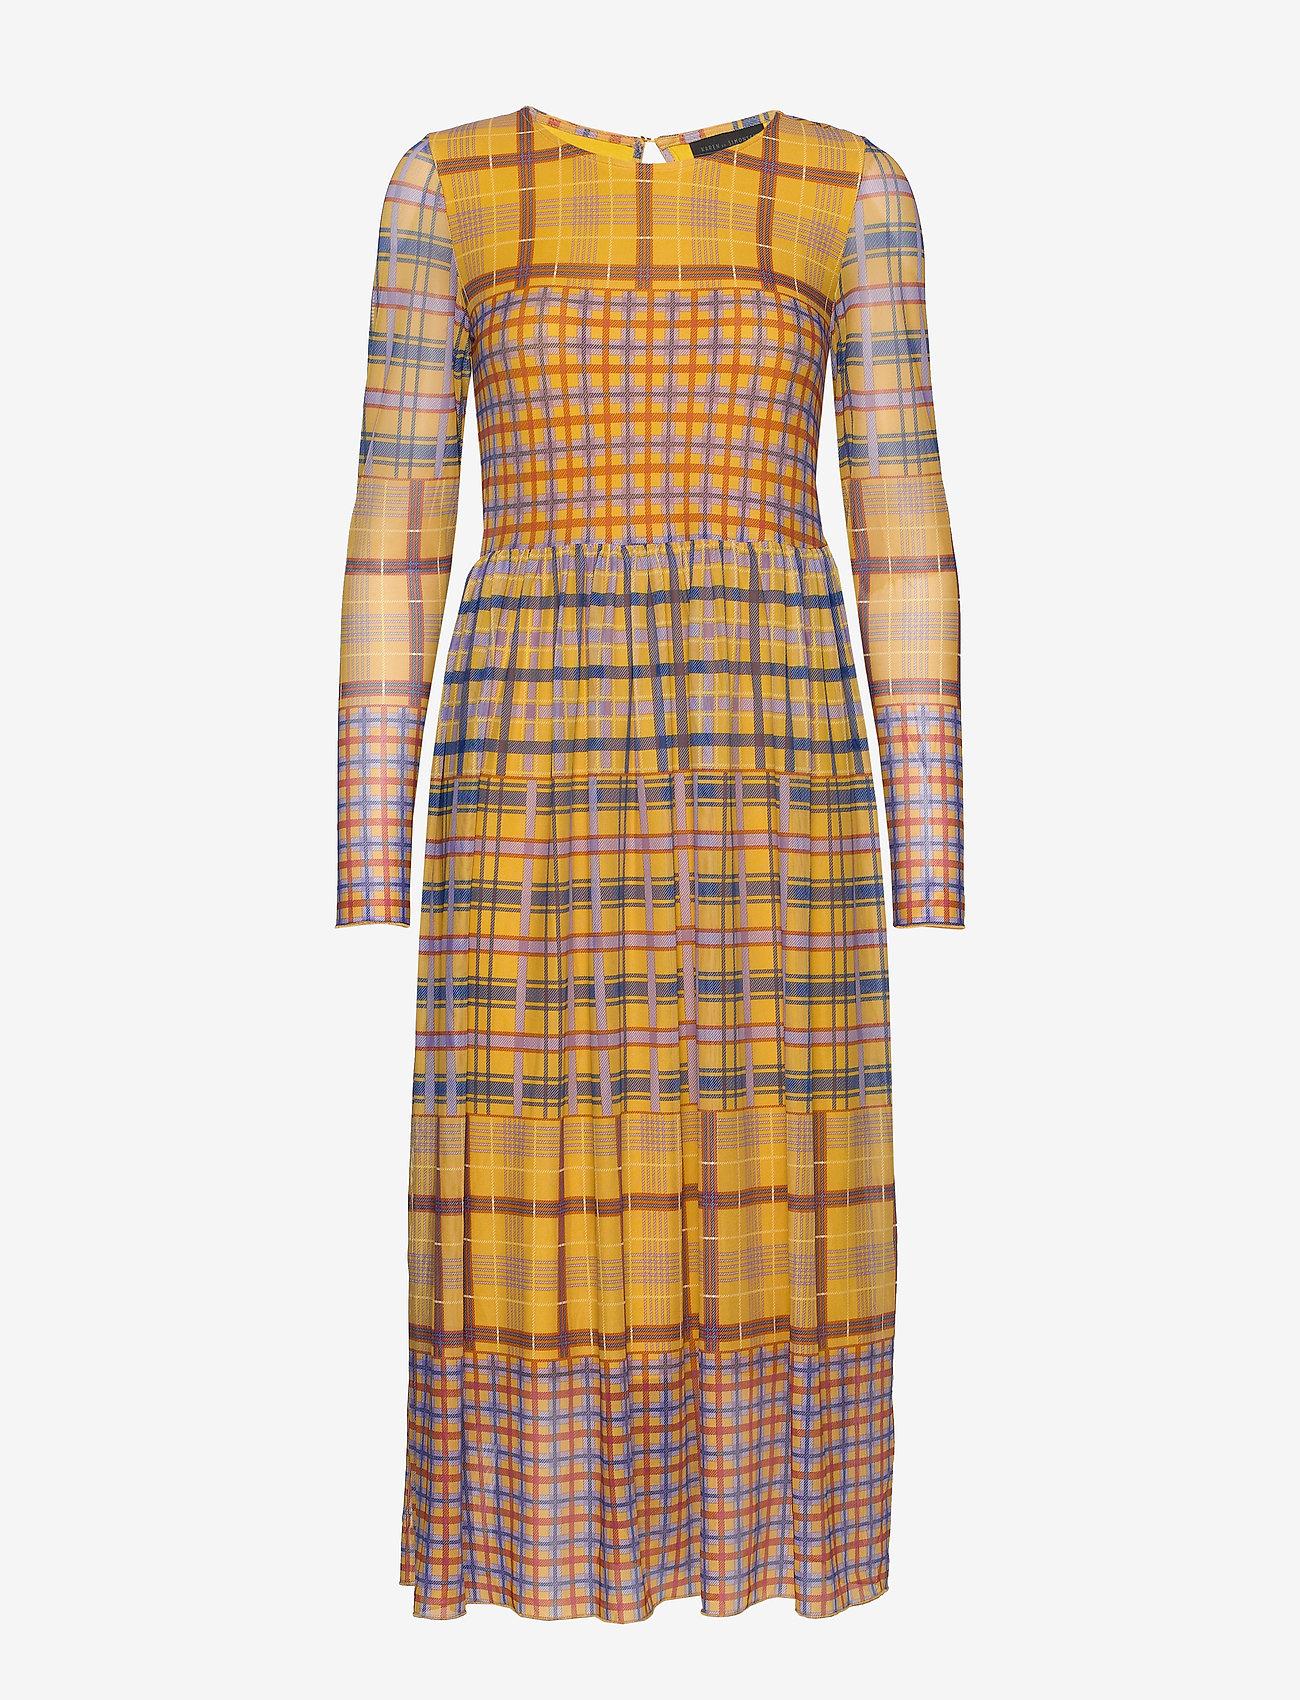 Peonykb Dress (Yellow Check) - Karen By Simonsen nNXva5